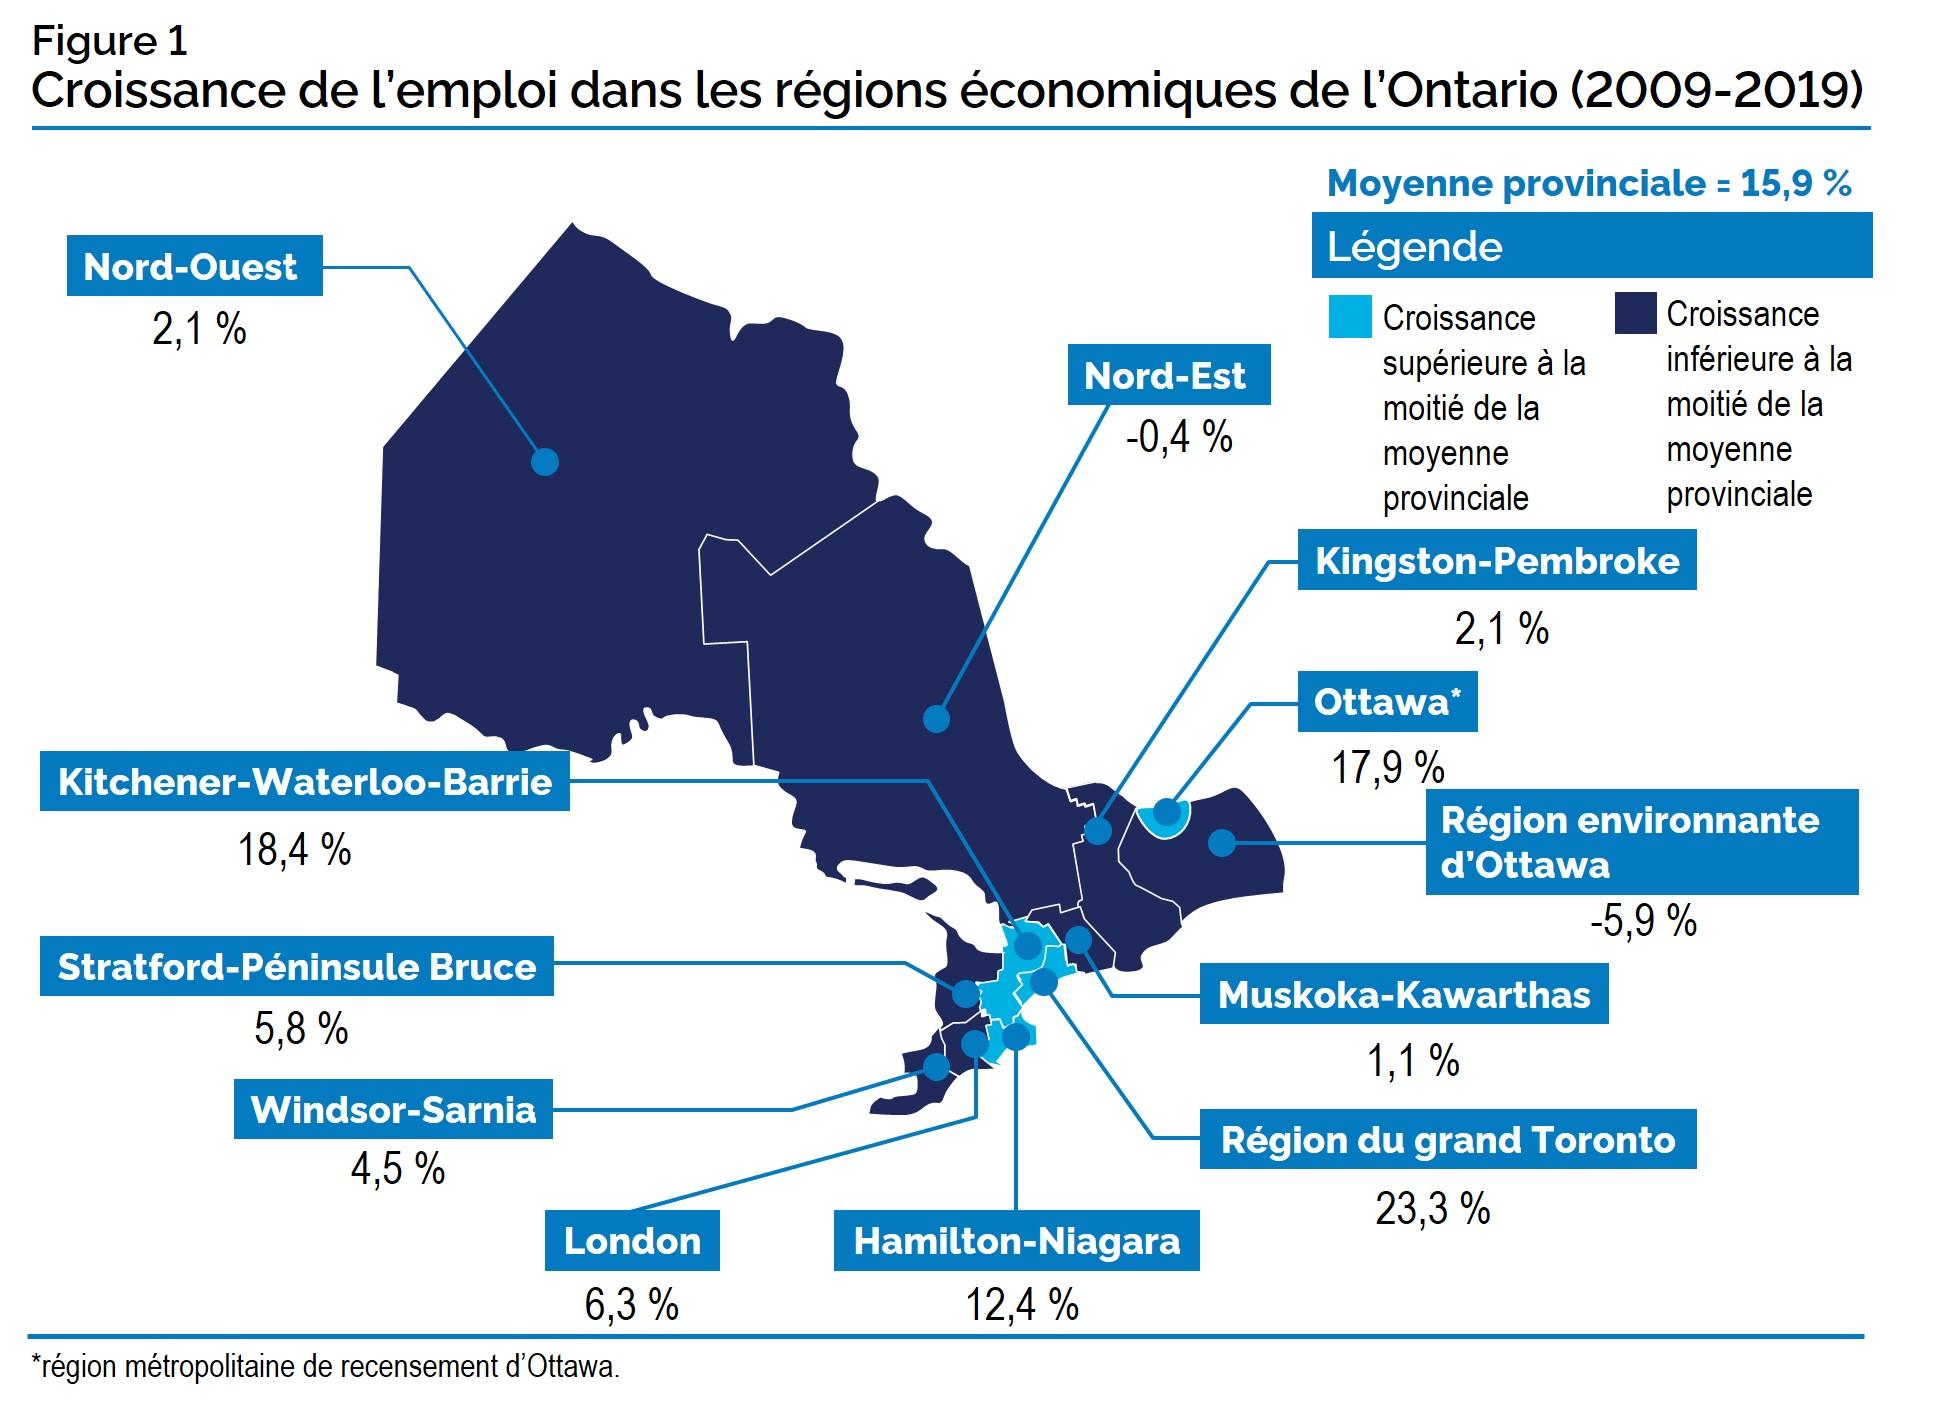 Croissance de l'emploi dans les régions économiques de l'Ontario (2009-2019)